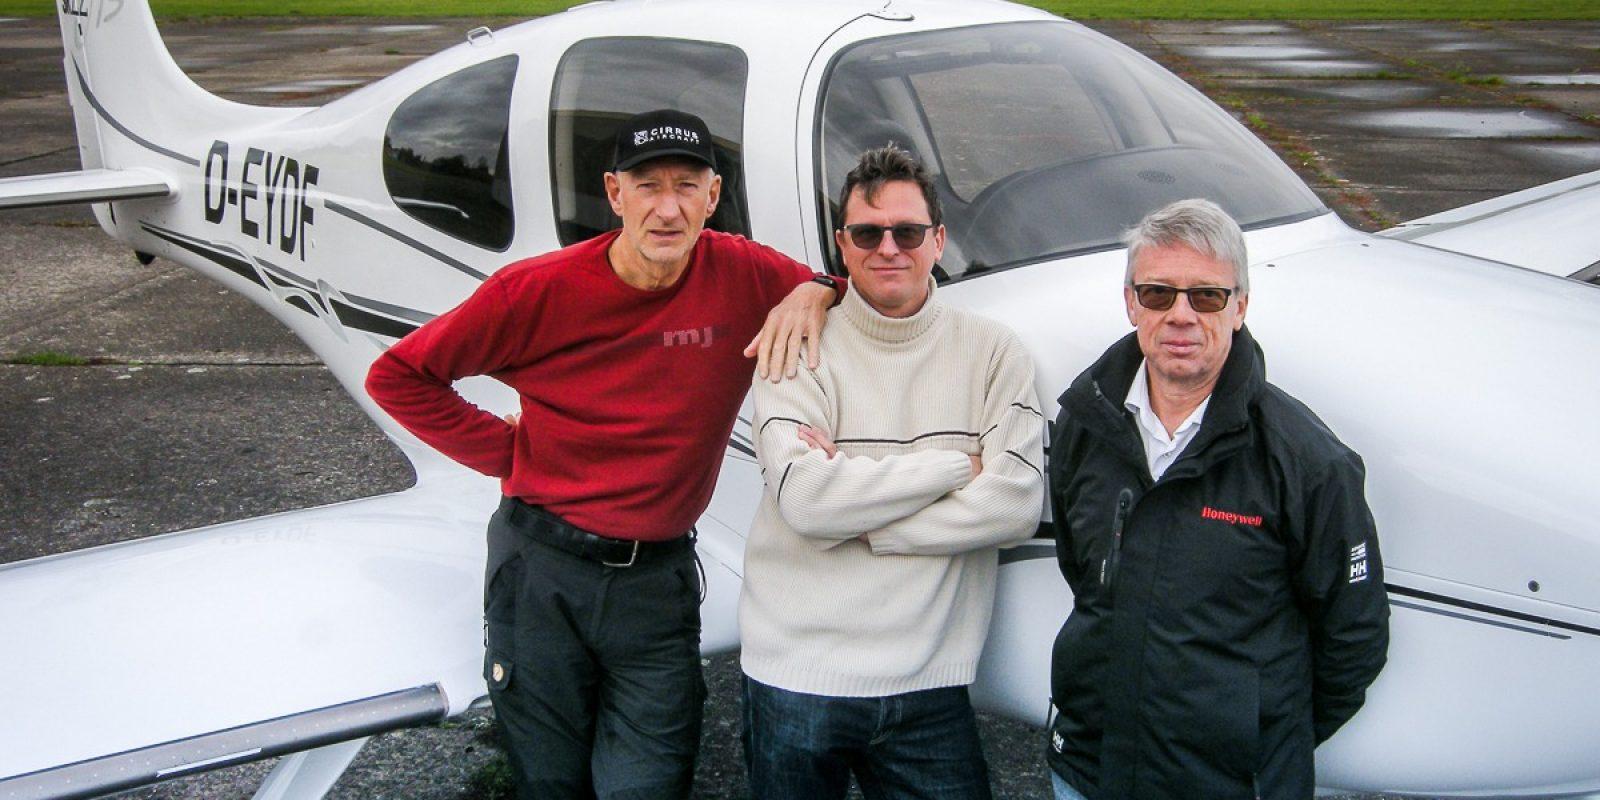 Co-owners (vlnr) Frank, Dimitri en Yves laten zich graag een triumviraat noemen, drie gelijkwaardige eigenaars voor hun passie.